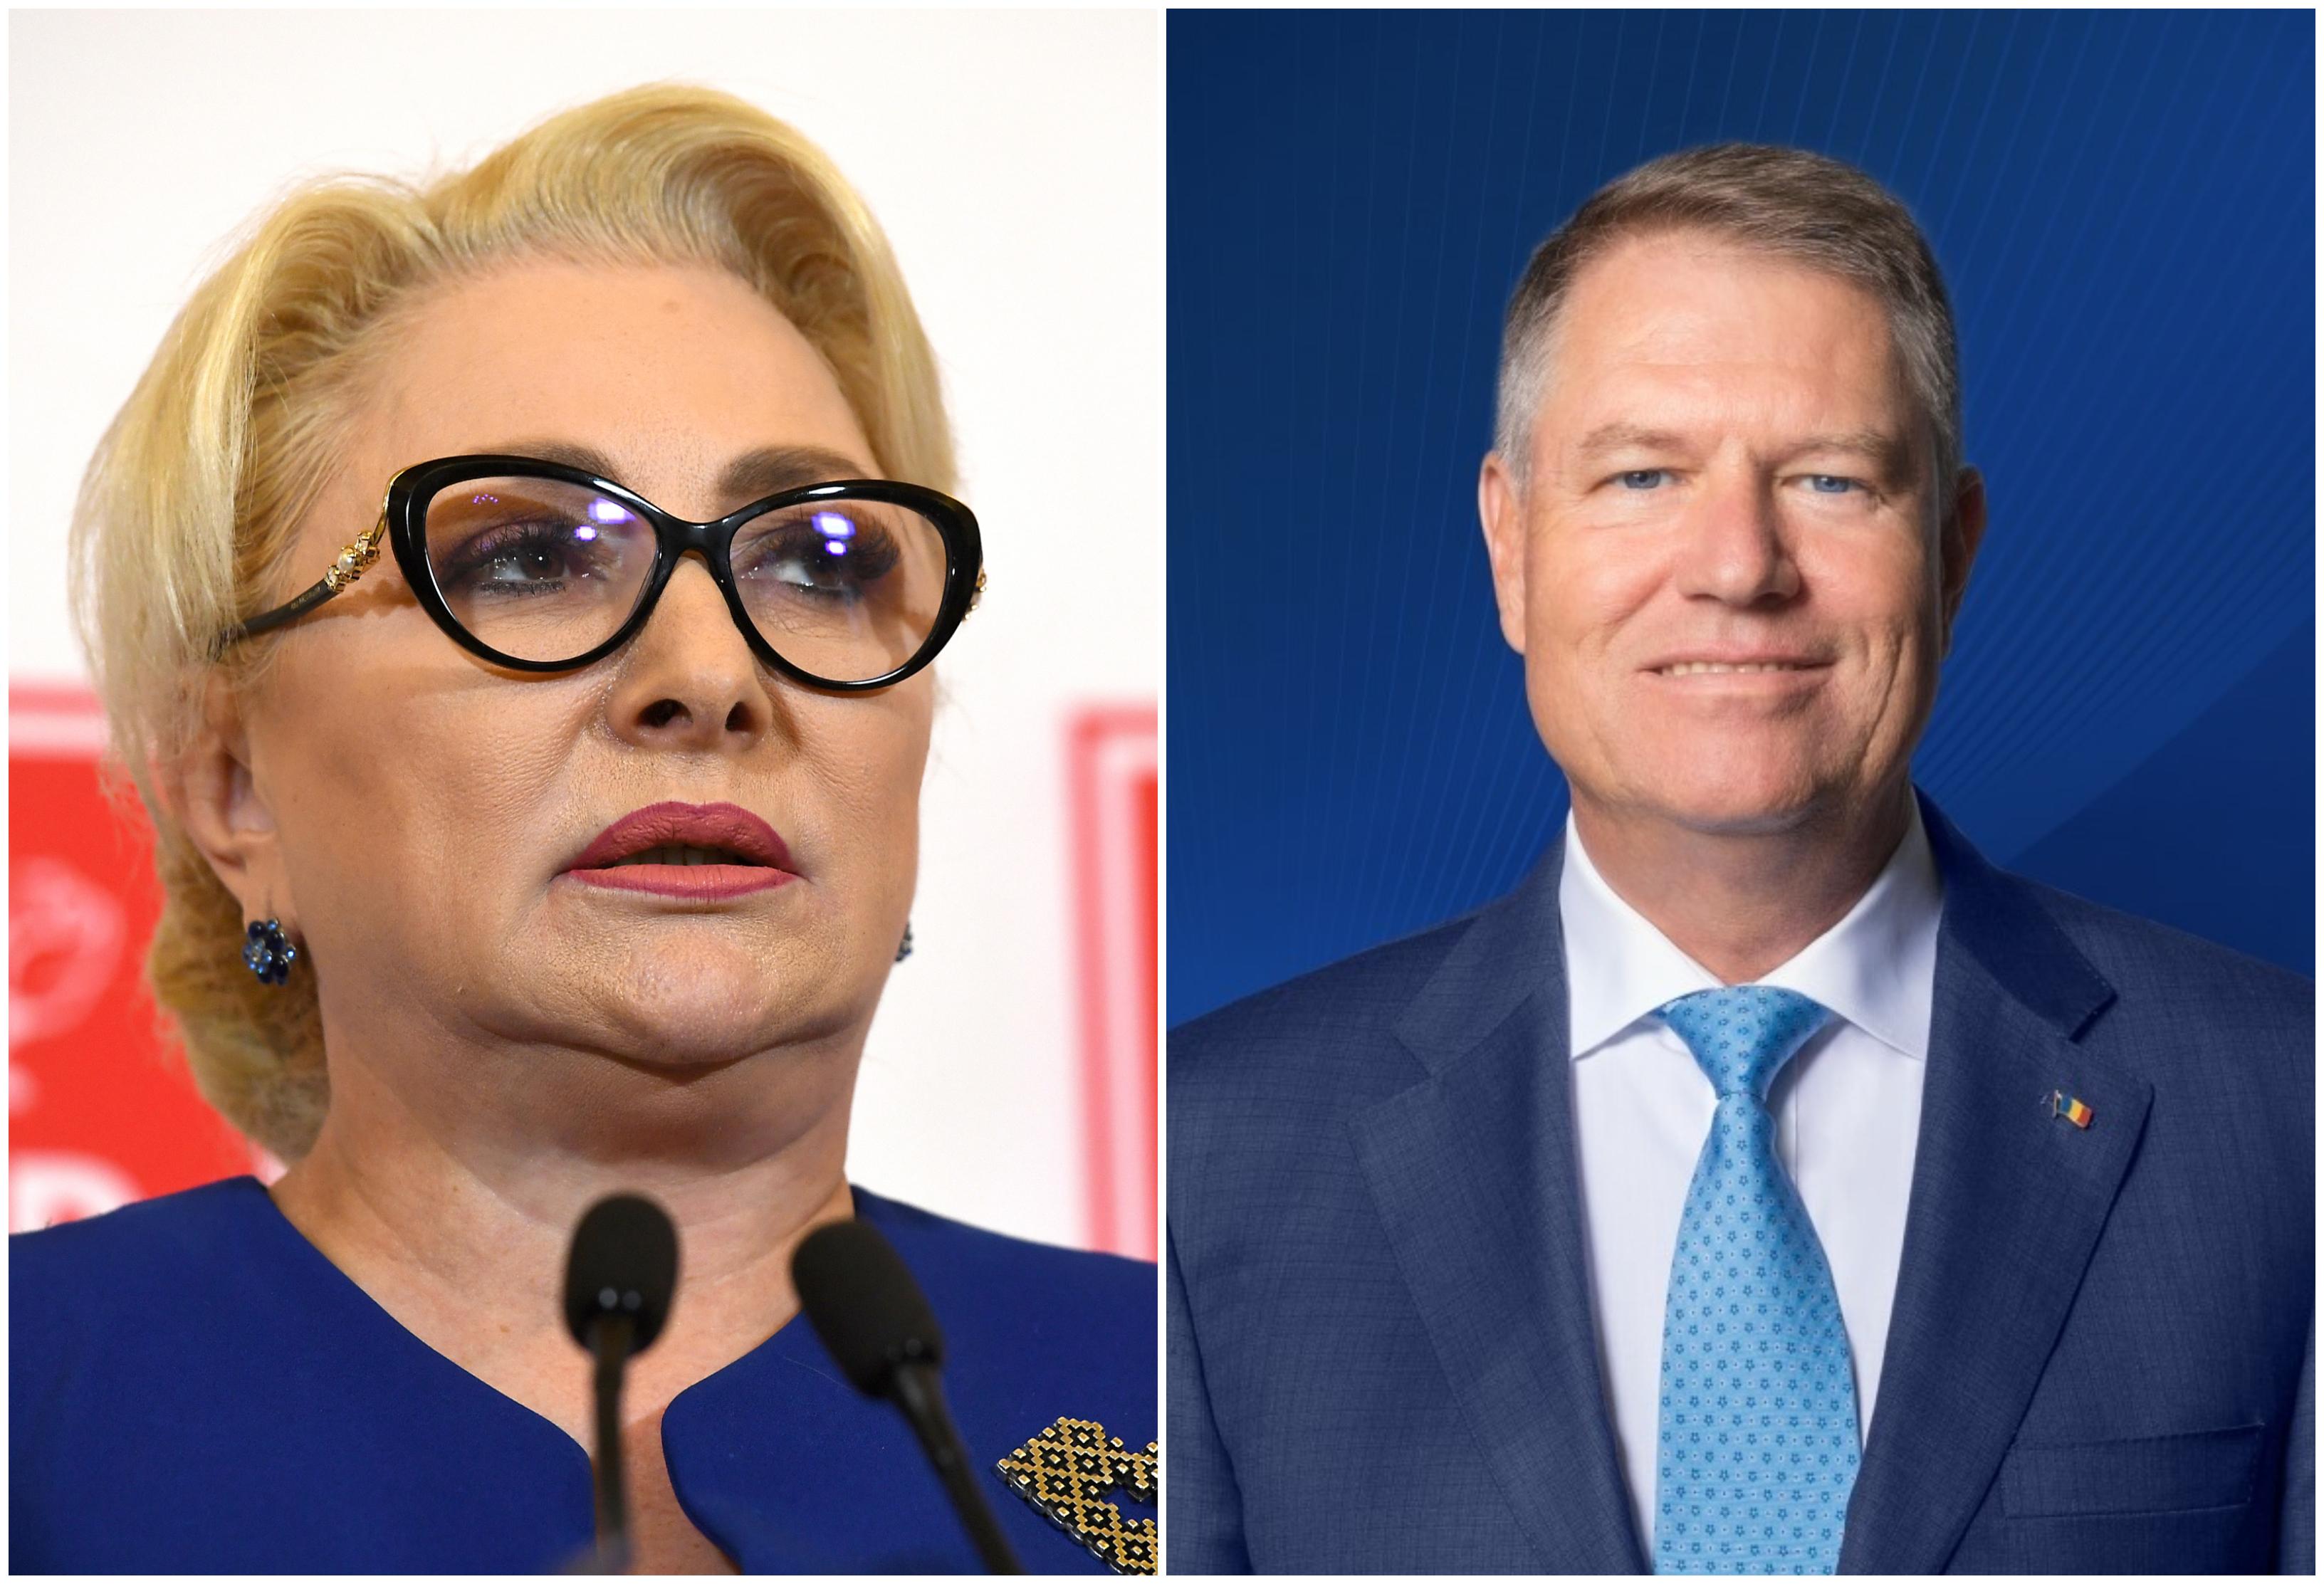 A început, oficial, campania electorală pentru turul 2. Iohannis contra Dăncilă